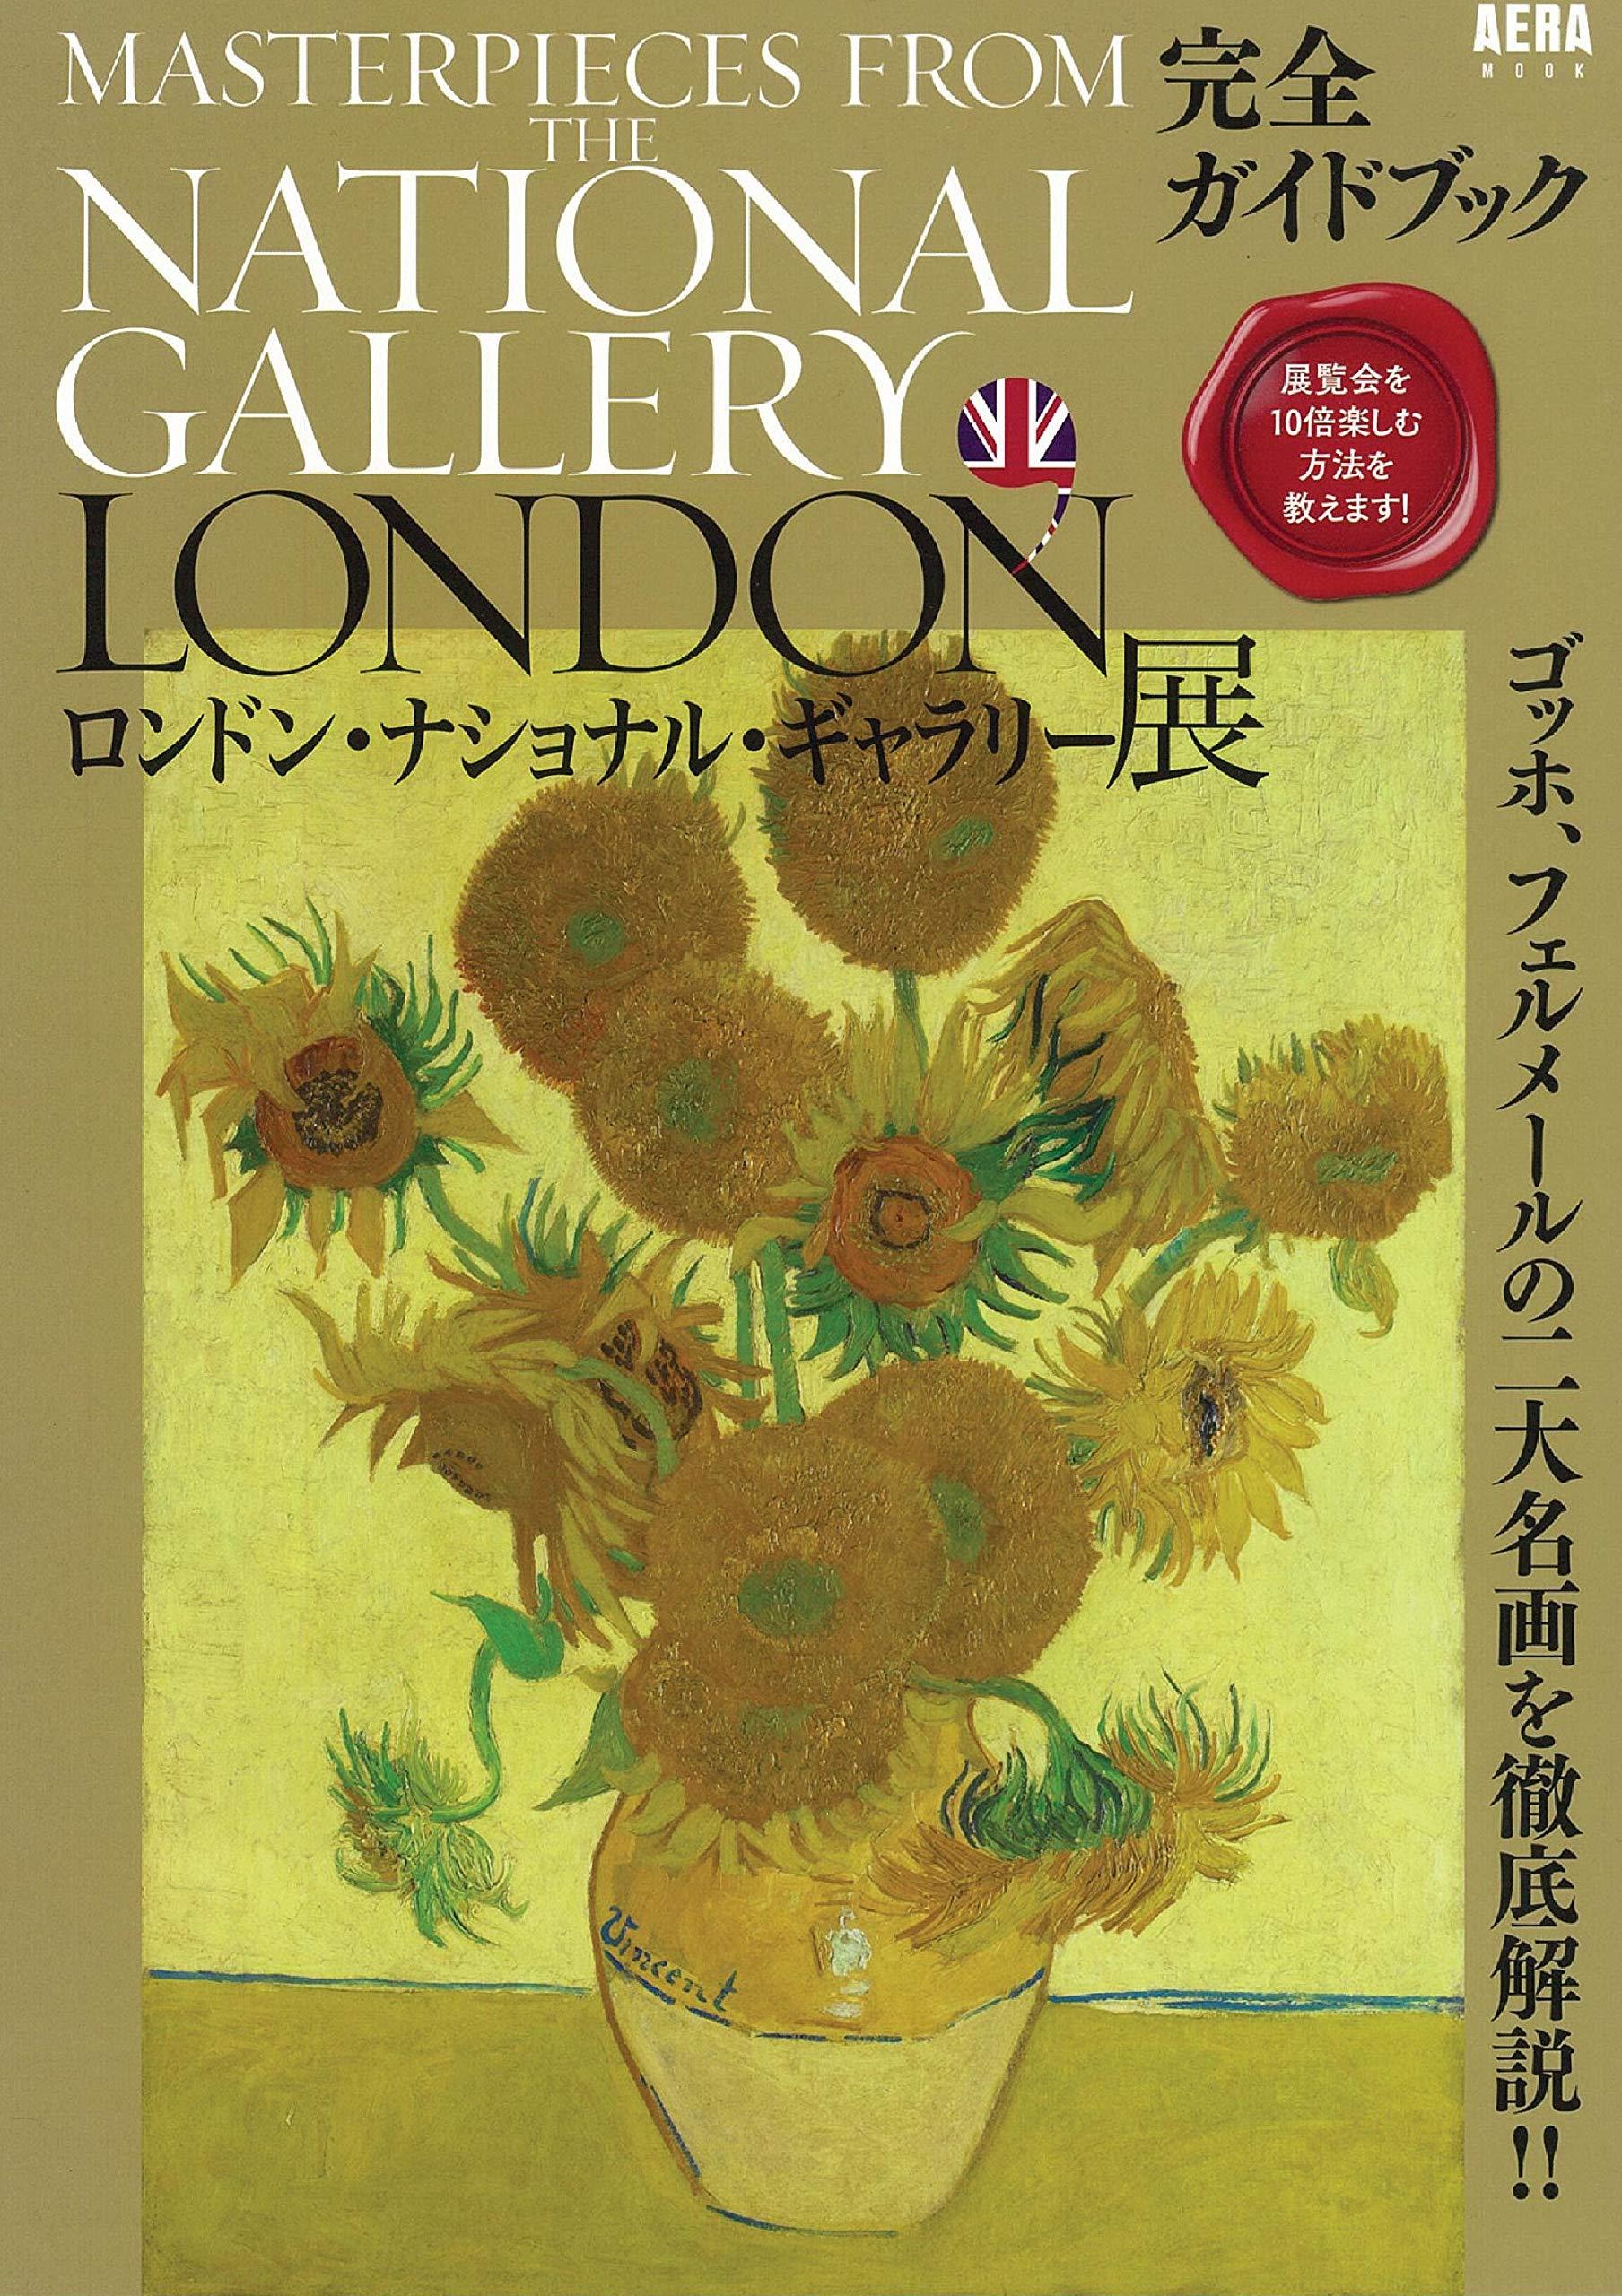 ギャラリー ロンドン 展 公式 ナショナル